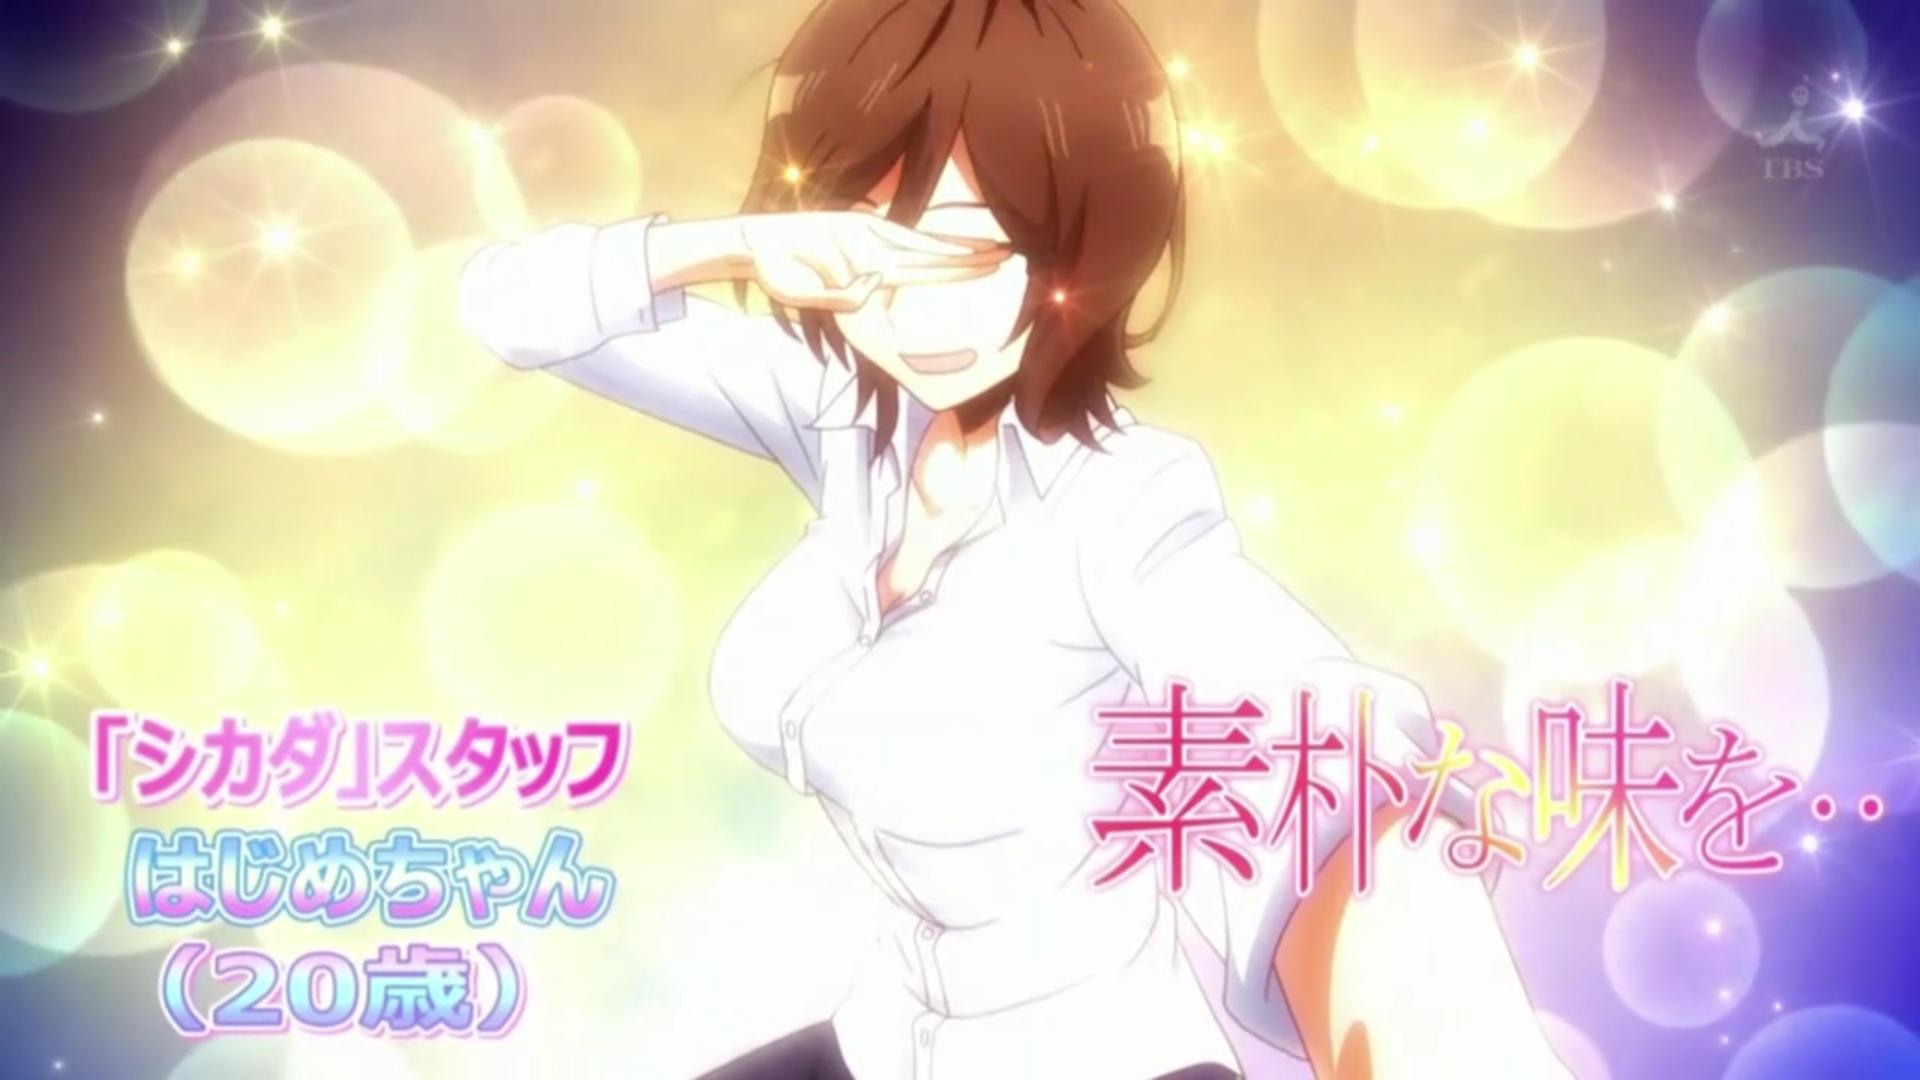 anime_842_2018030921270674a.jpg